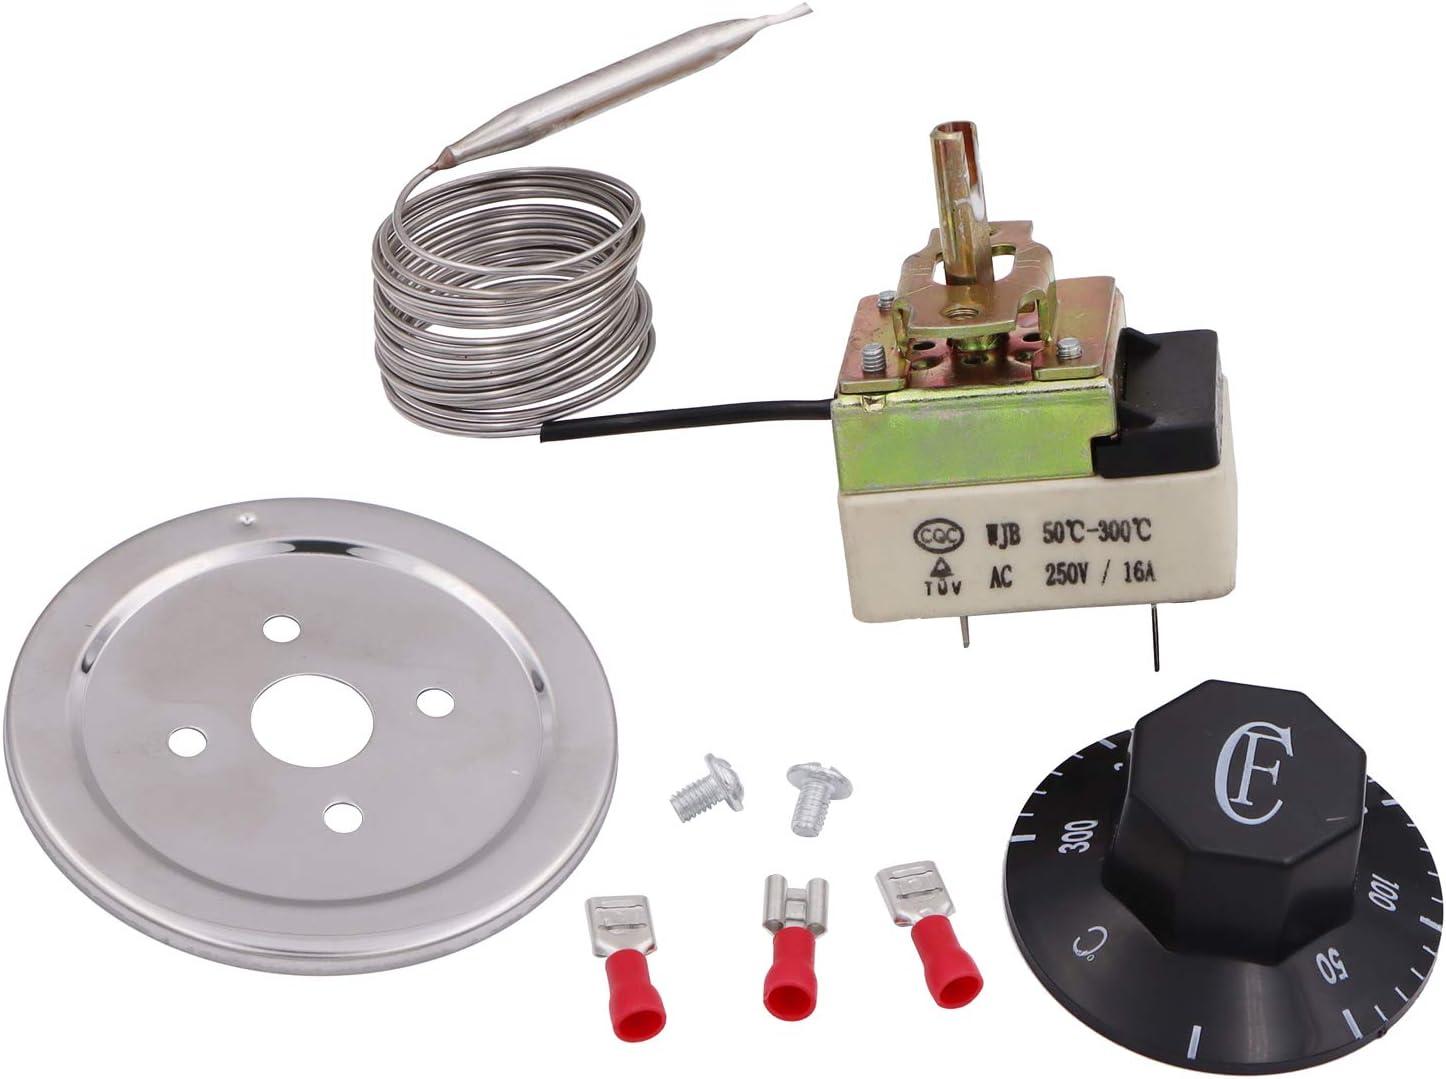 2m 50–300Degree F nuevo calentador termostato, sartén termostato, control de la temperatura, freidora eléctrica partes